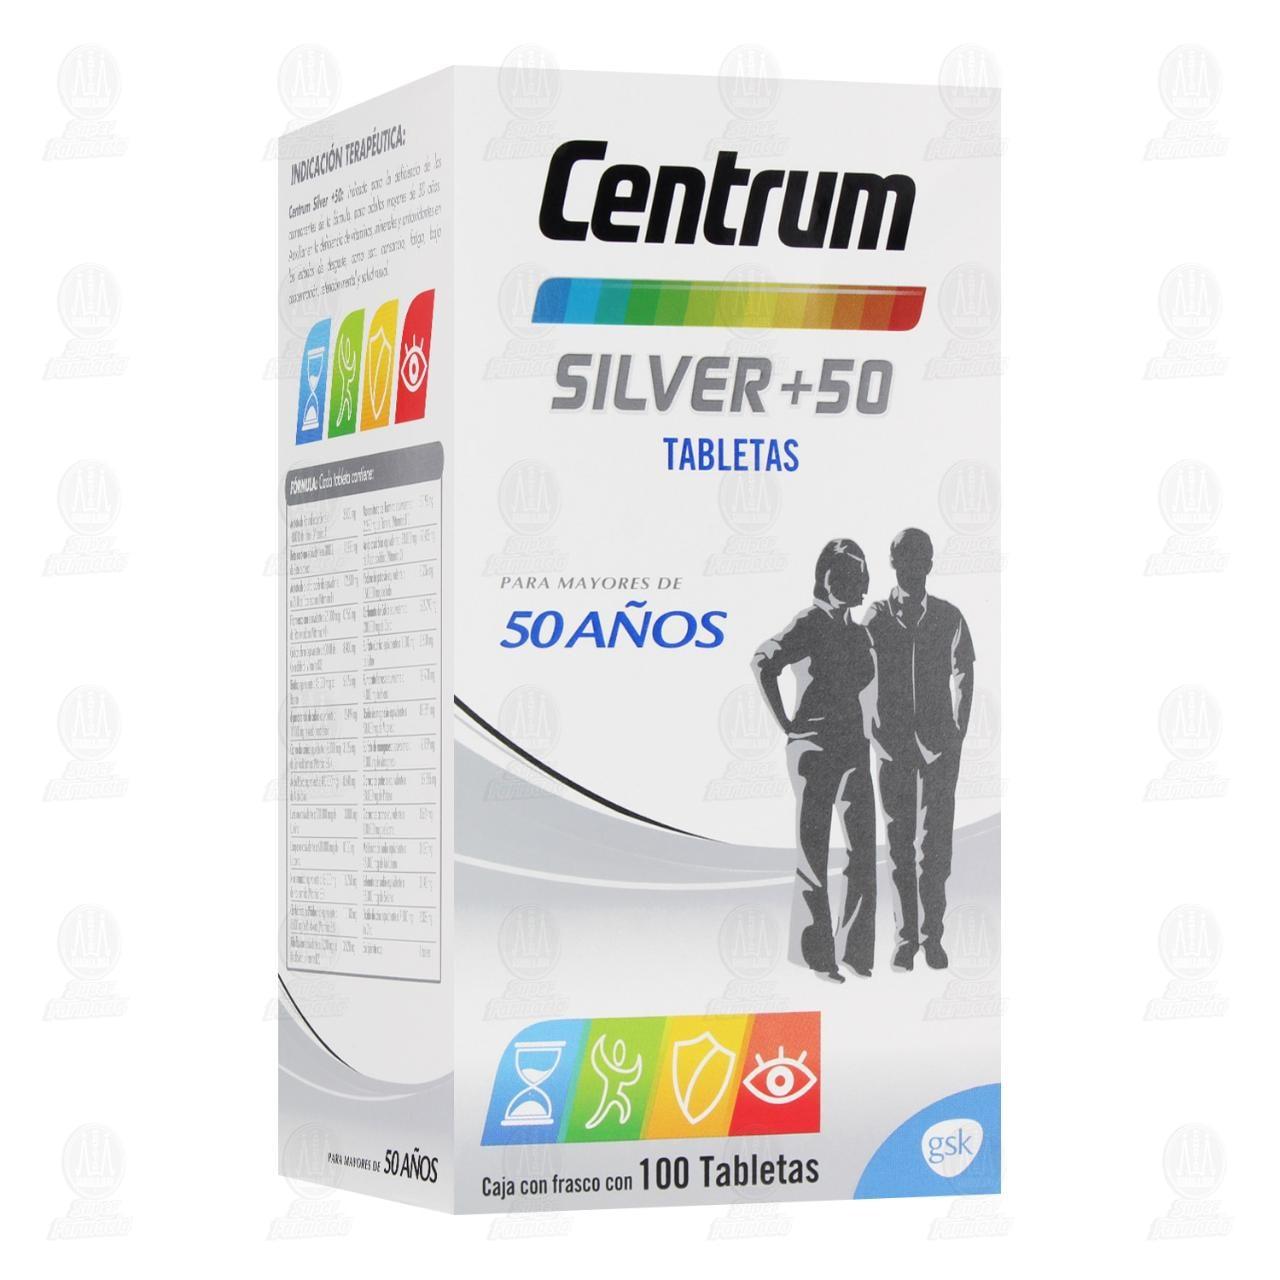 Comprar Centrum Silver+50 100 Tabletas en Farmacias Guadalajara